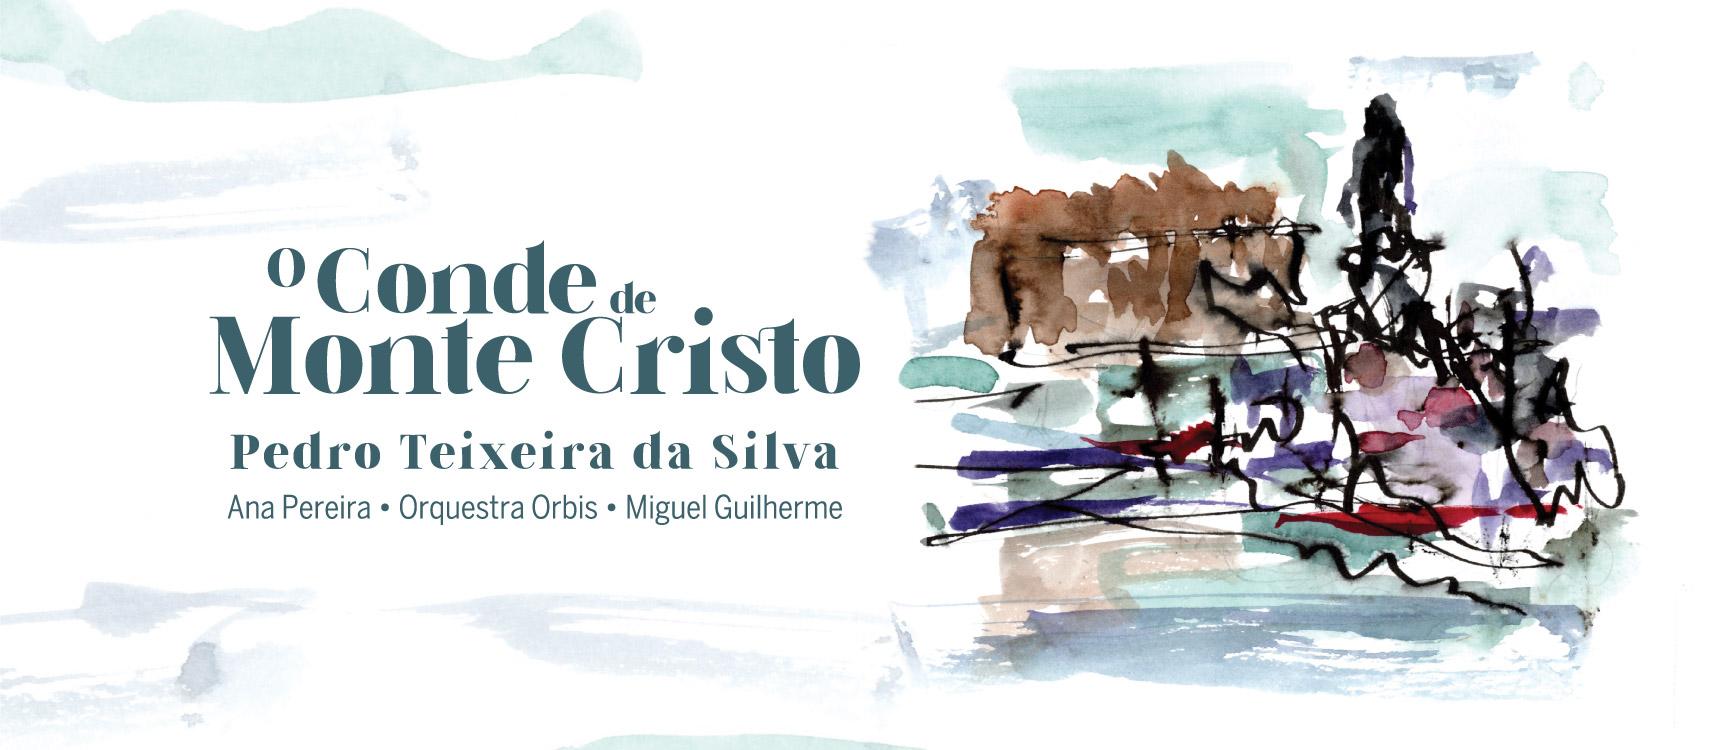 Pedro Teixeira da Silva